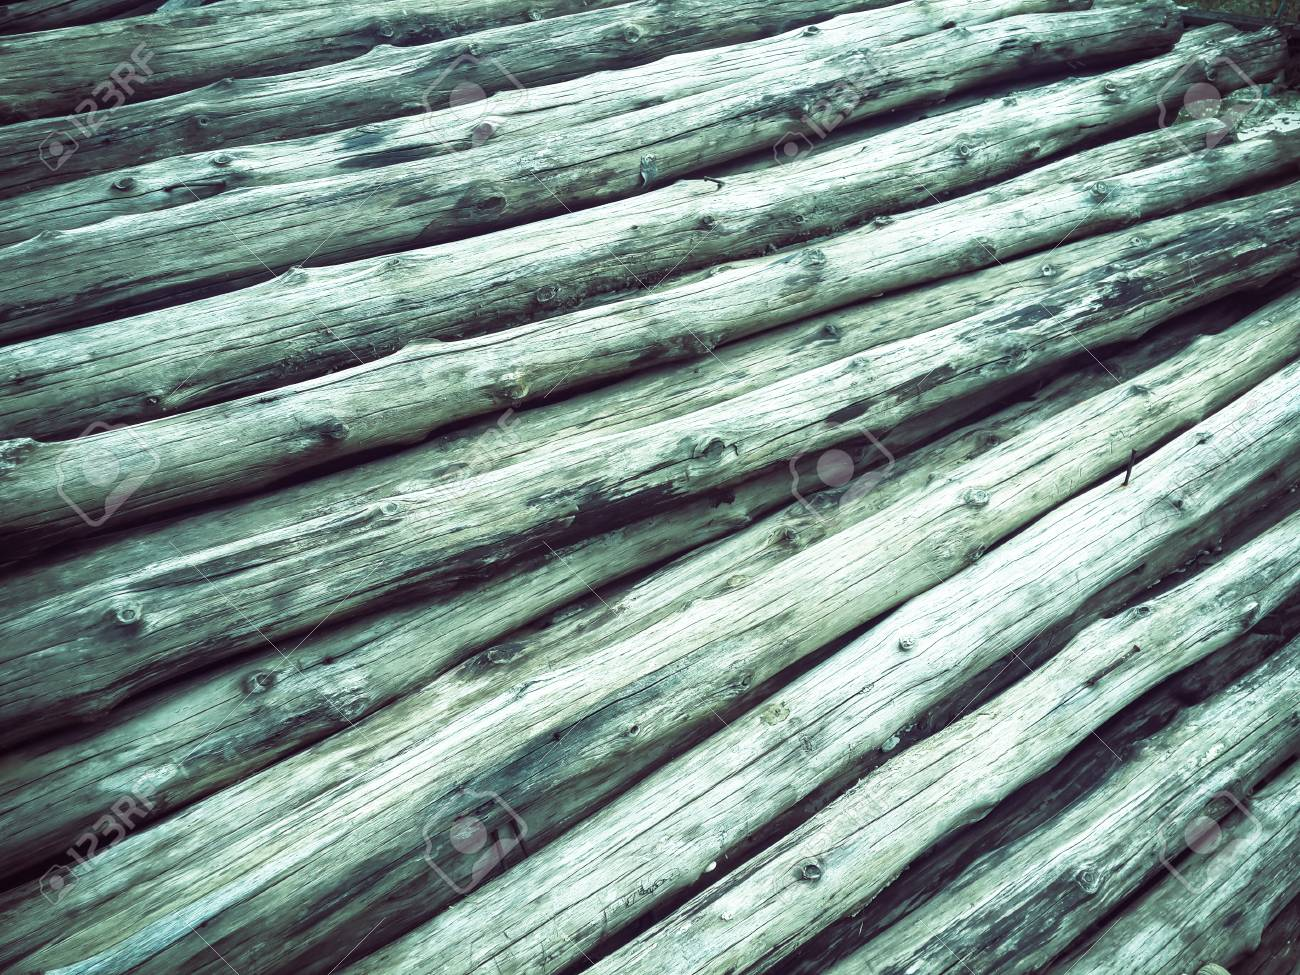 Piastrelle senza soluzione di continuità in legno parete di fondo